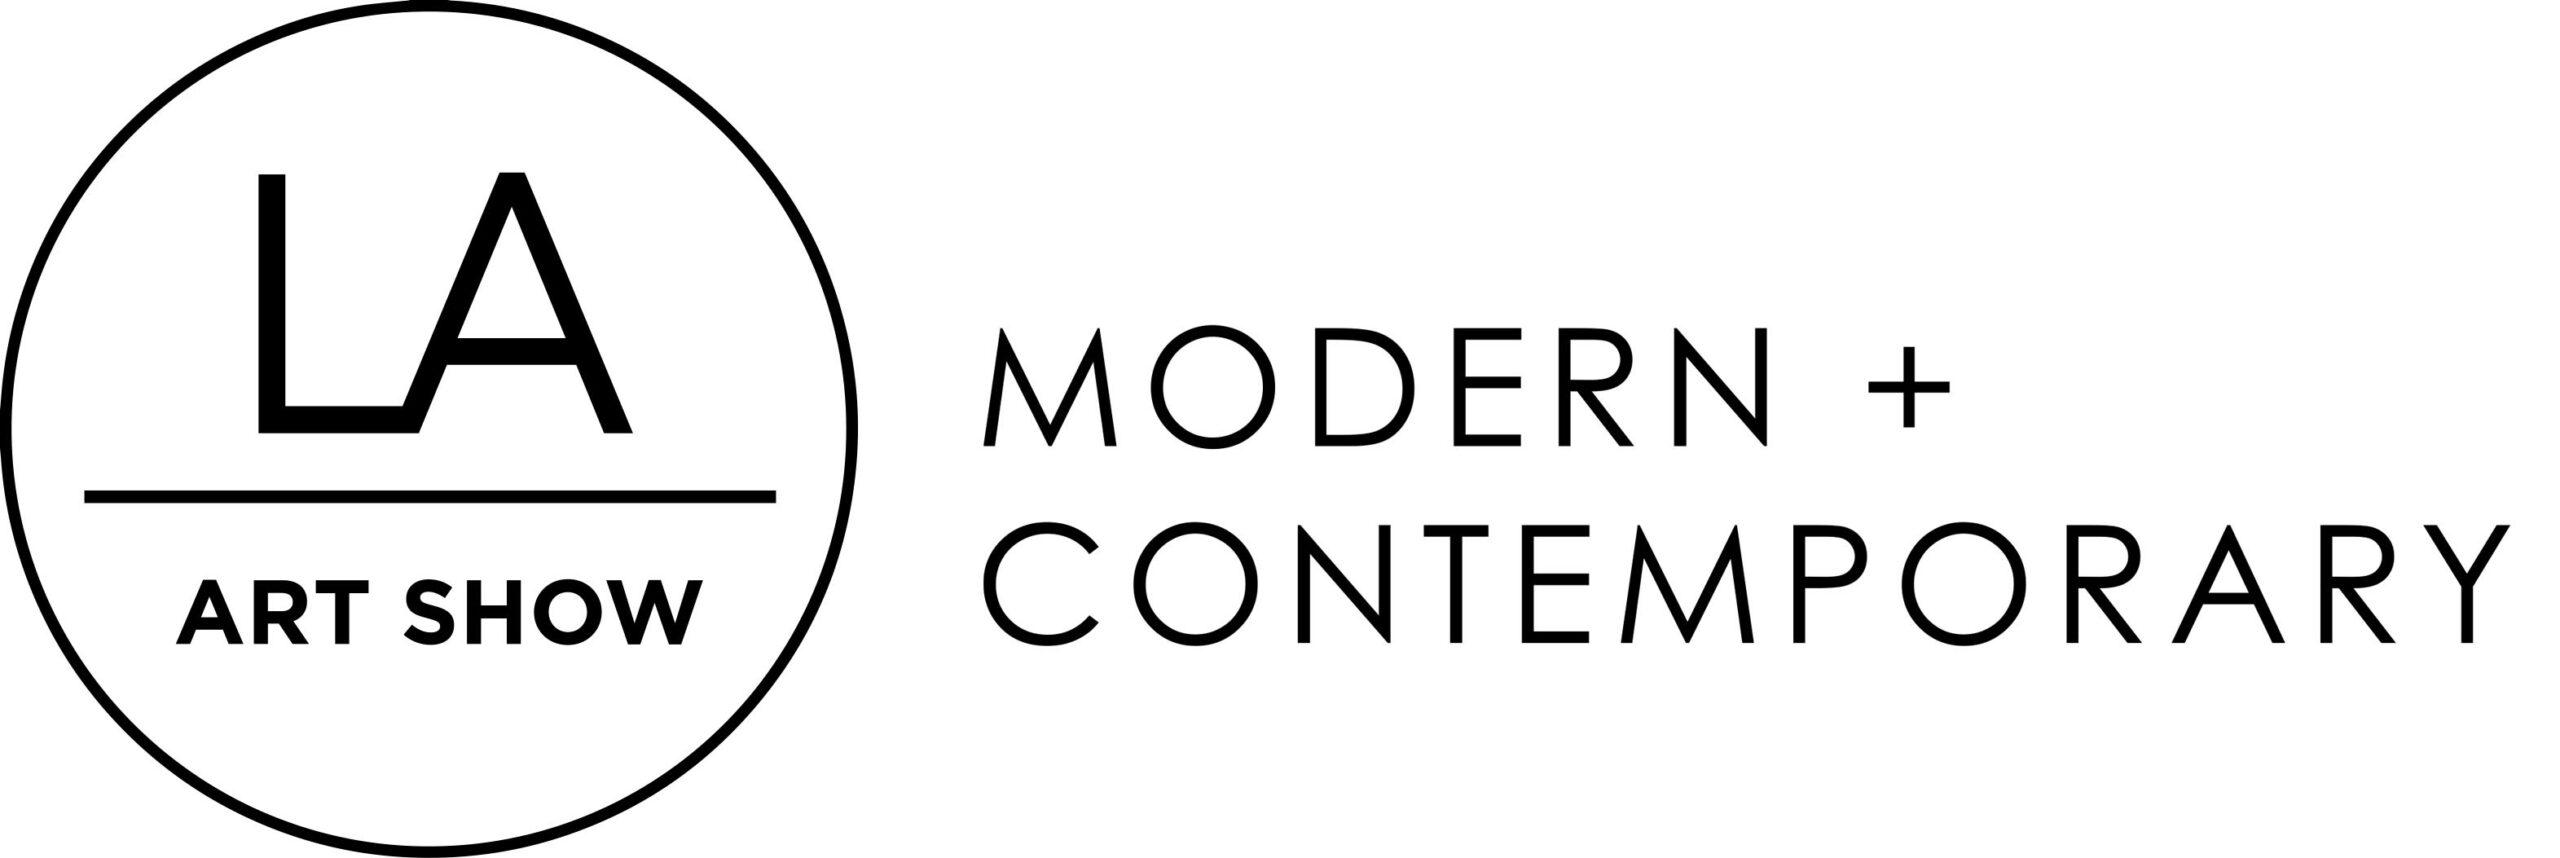 LA Art Show Logo